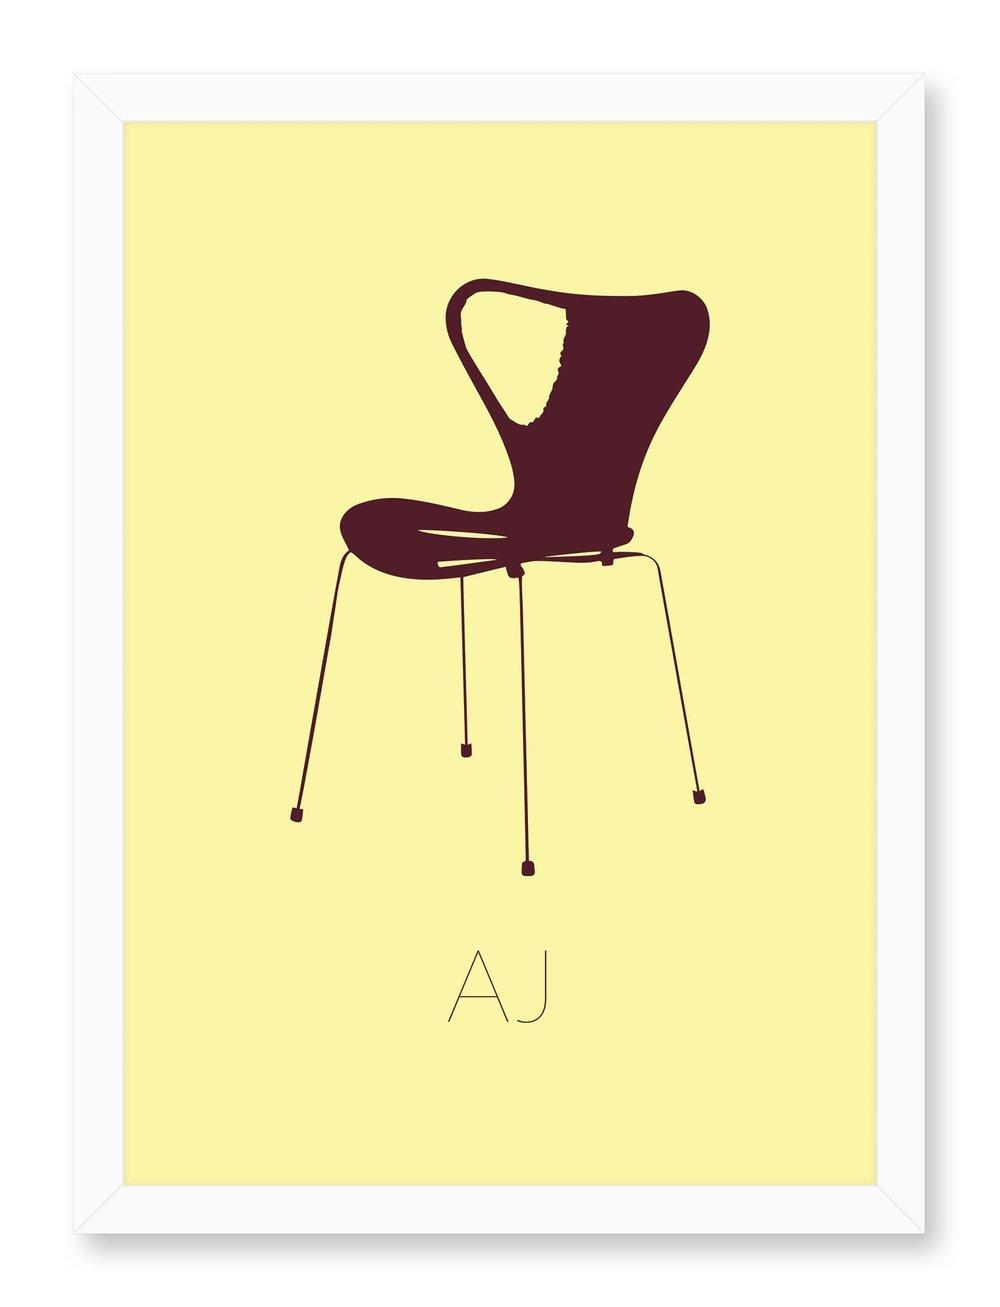 aj_yellow_white.jpg